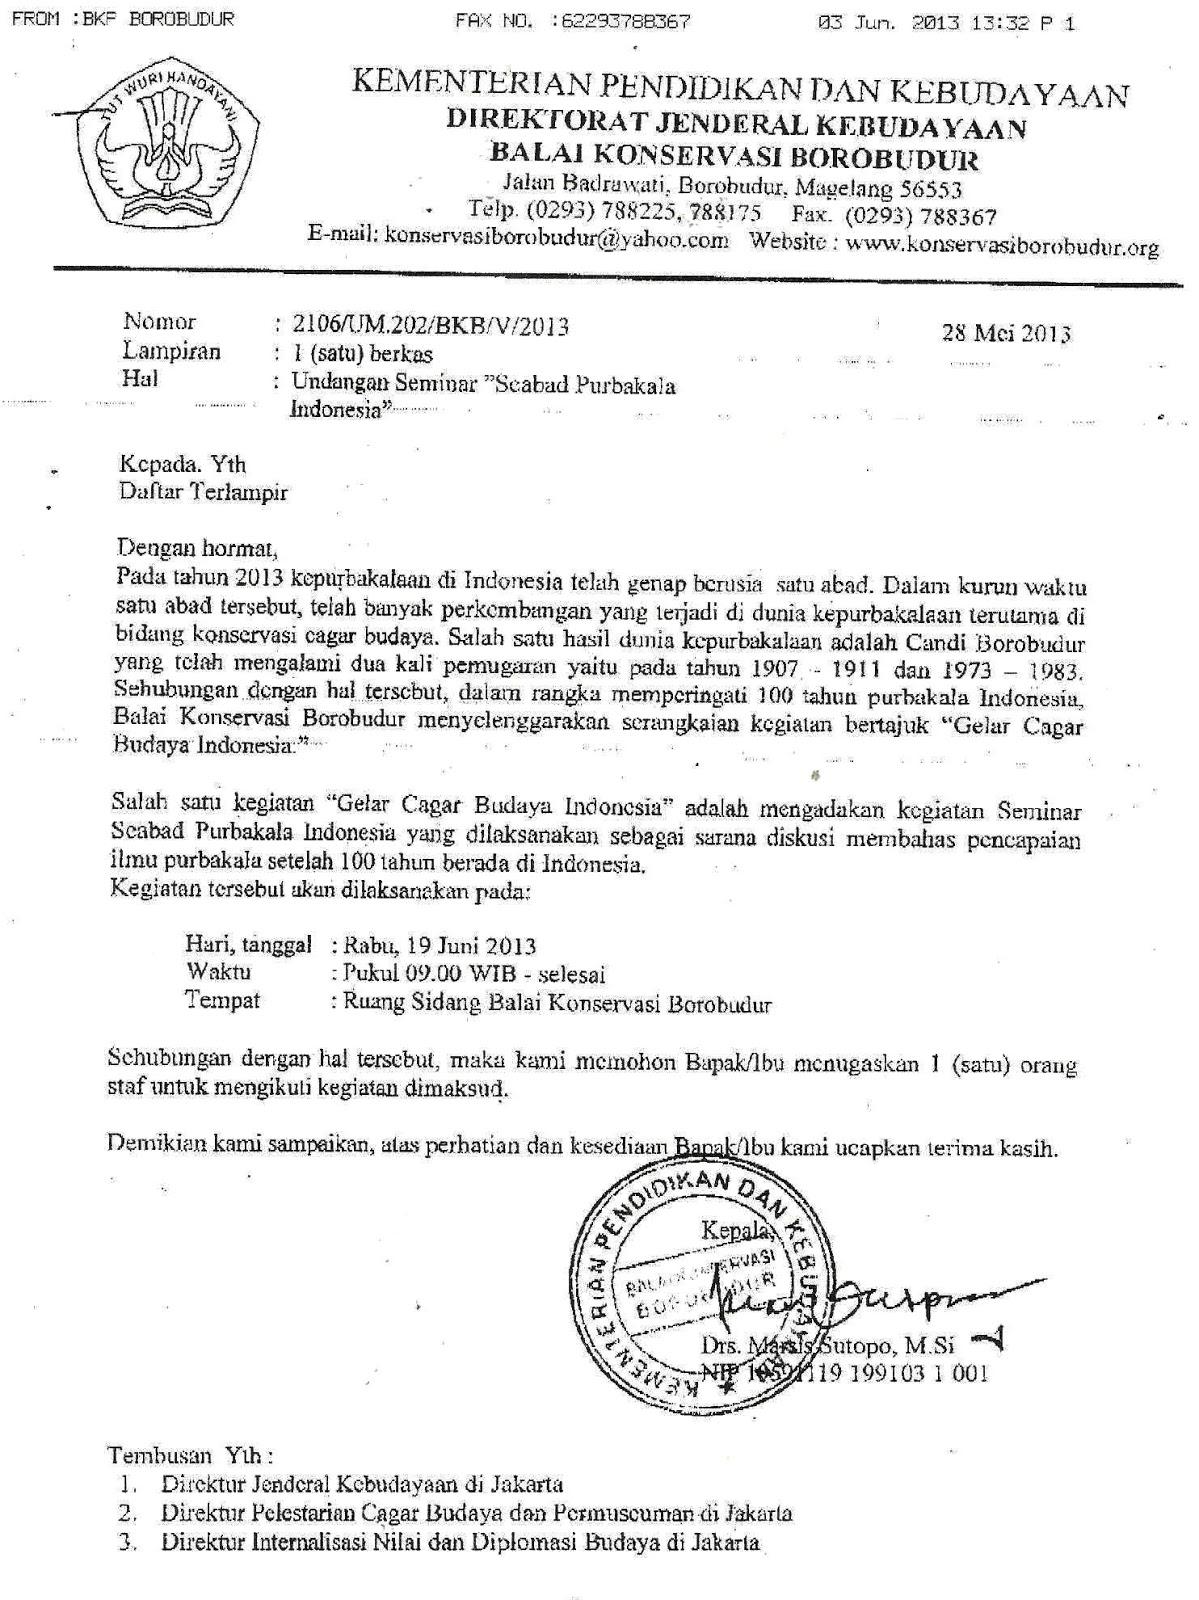 Contoh Surat Permohonan Narasumber Seminar